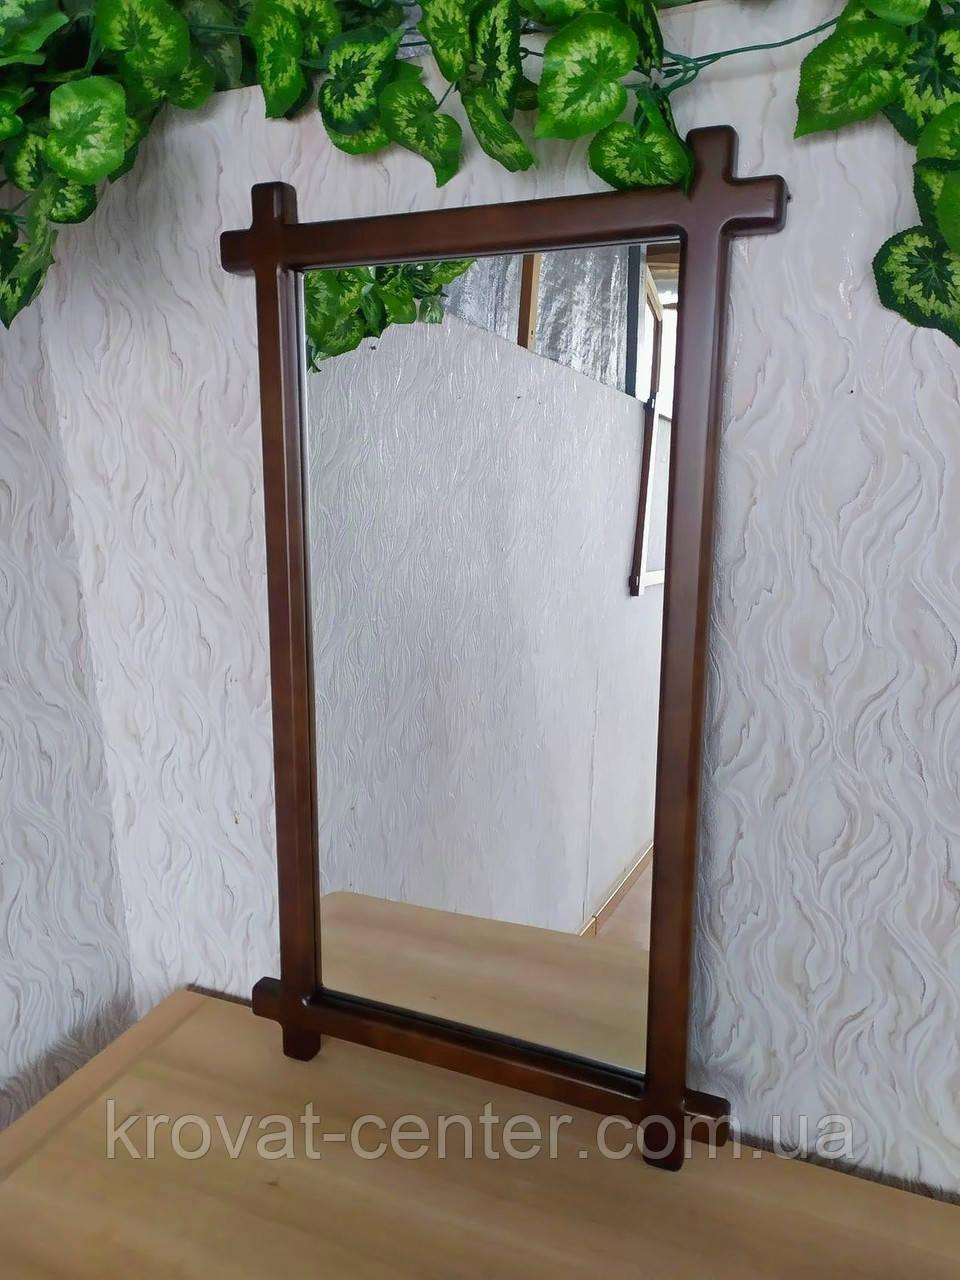 """Зеркало в деревянной рамке для прихожей """"Жаклин - 2"""""""